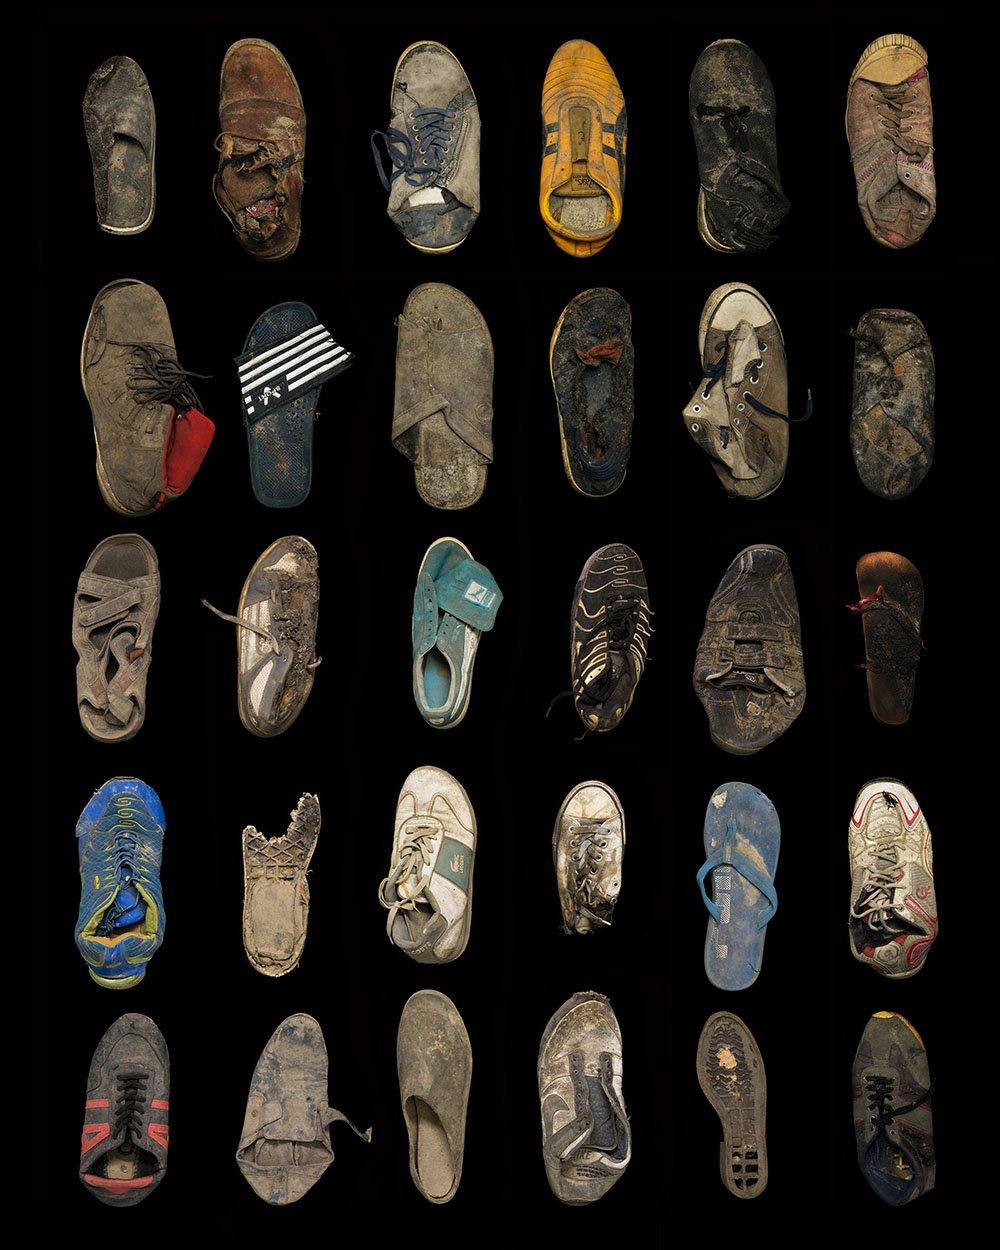 griot-mag-dzhangal-scarpe-lumanita-degli-oggetti-di-calais-attraverso-la-lente-di-gideon-mendel